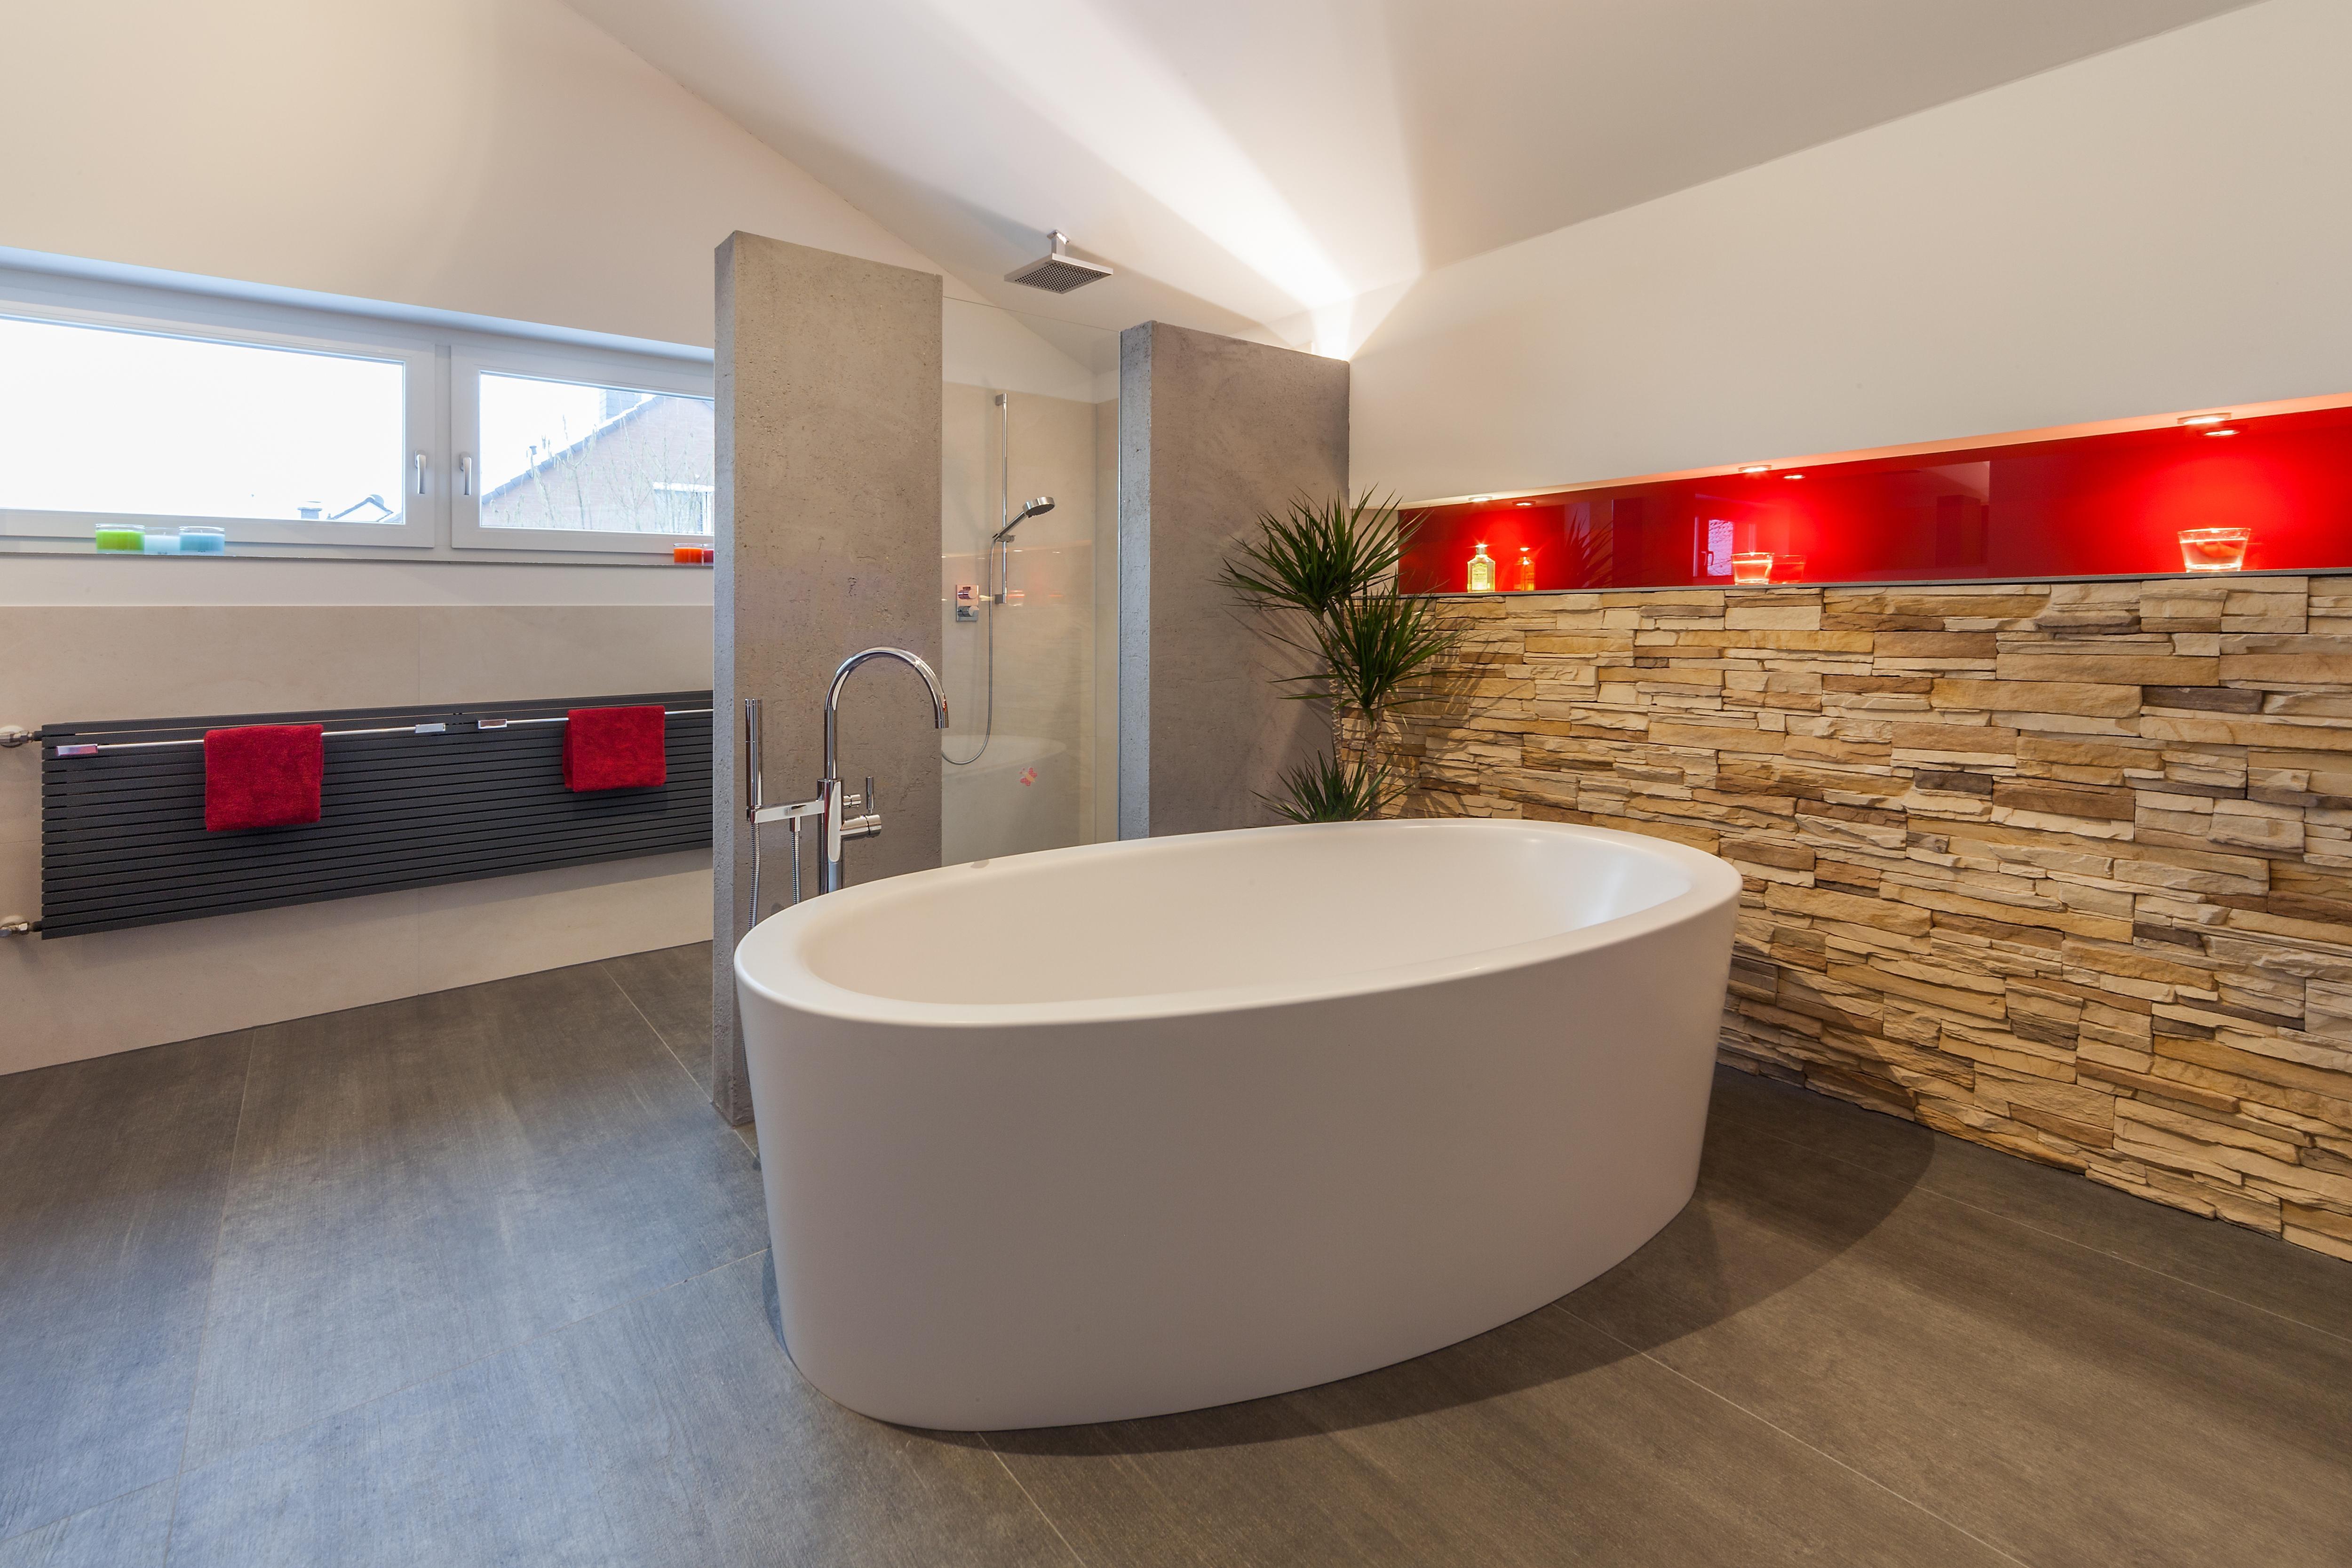 Fesselnd #bestebadstudios #badezimmer #bad #badewanne #dusche #badezimmerschräge # Dachschräge #badrenovierung